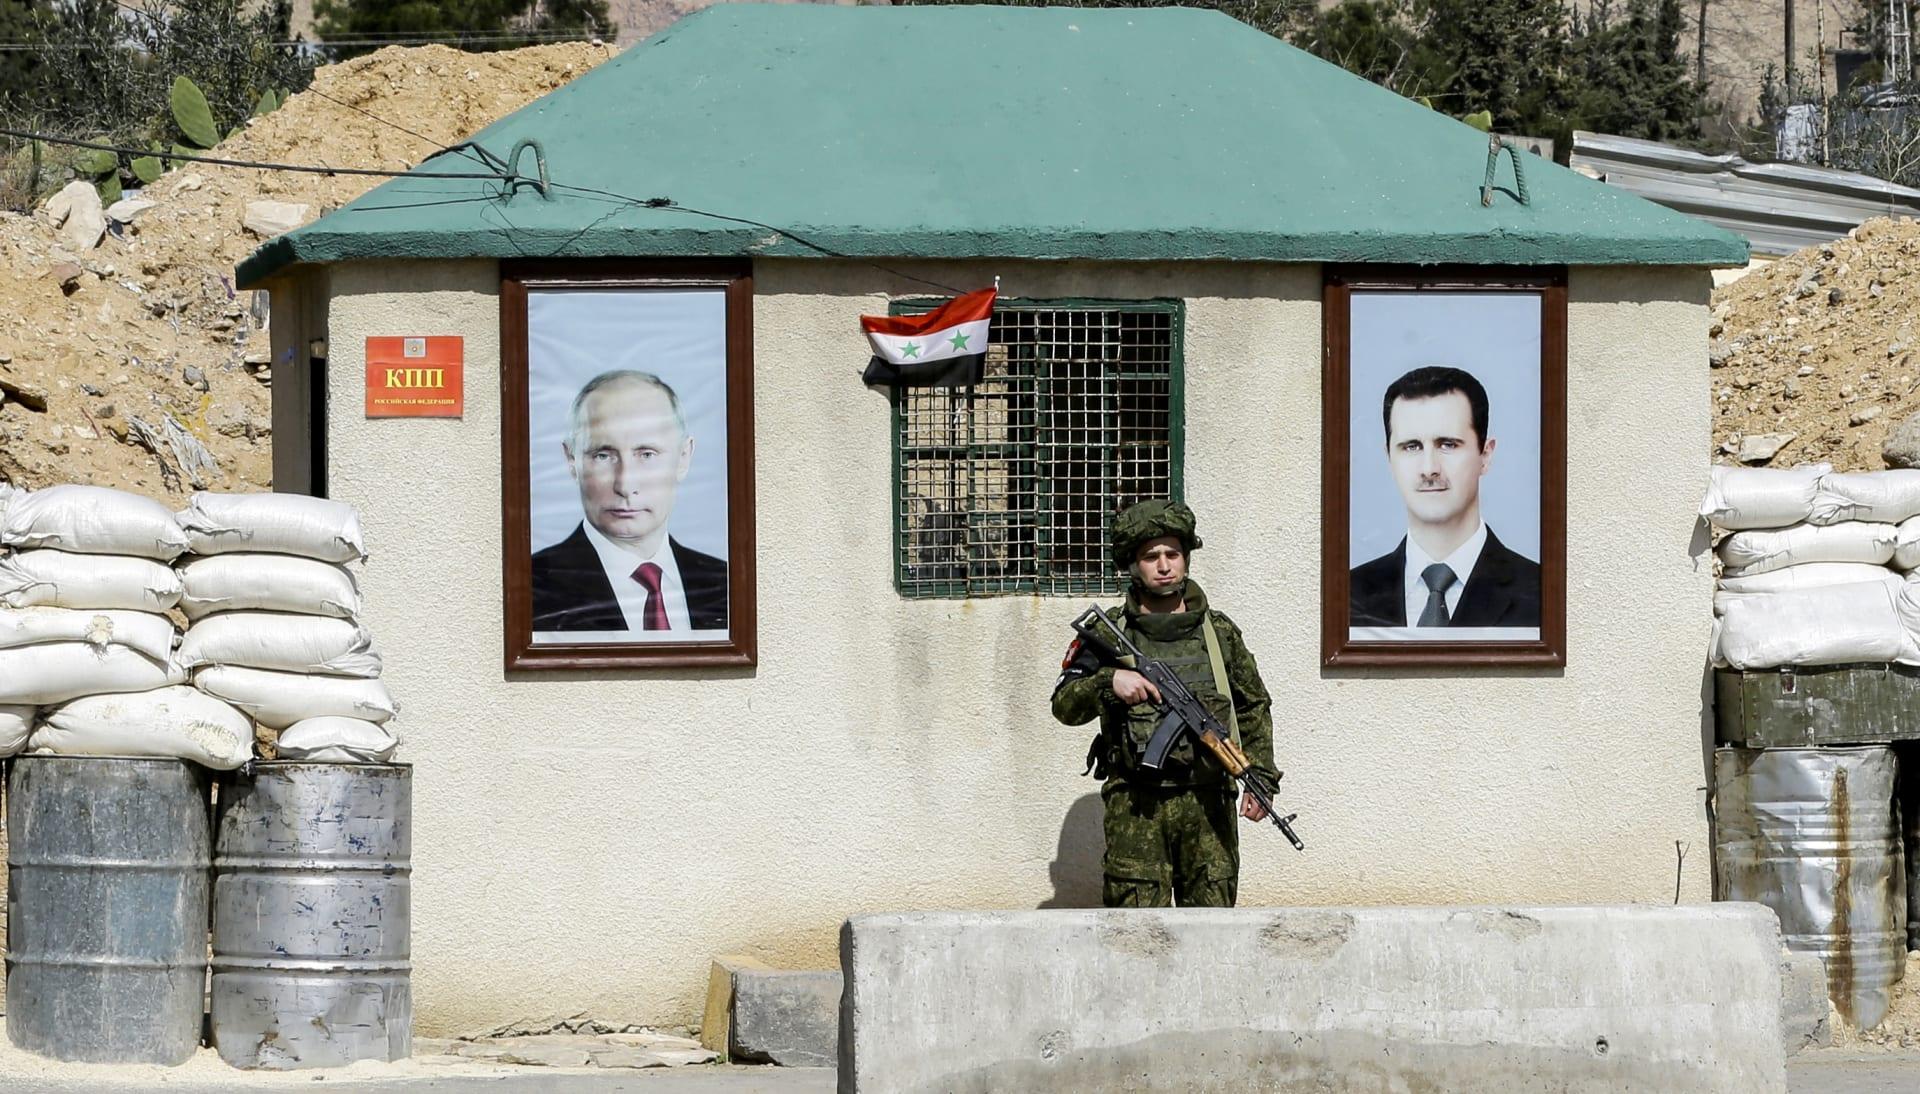 السفير الروسي في إسرائيل: لا نستطيع إجبار إيران على مغادرة سوريا